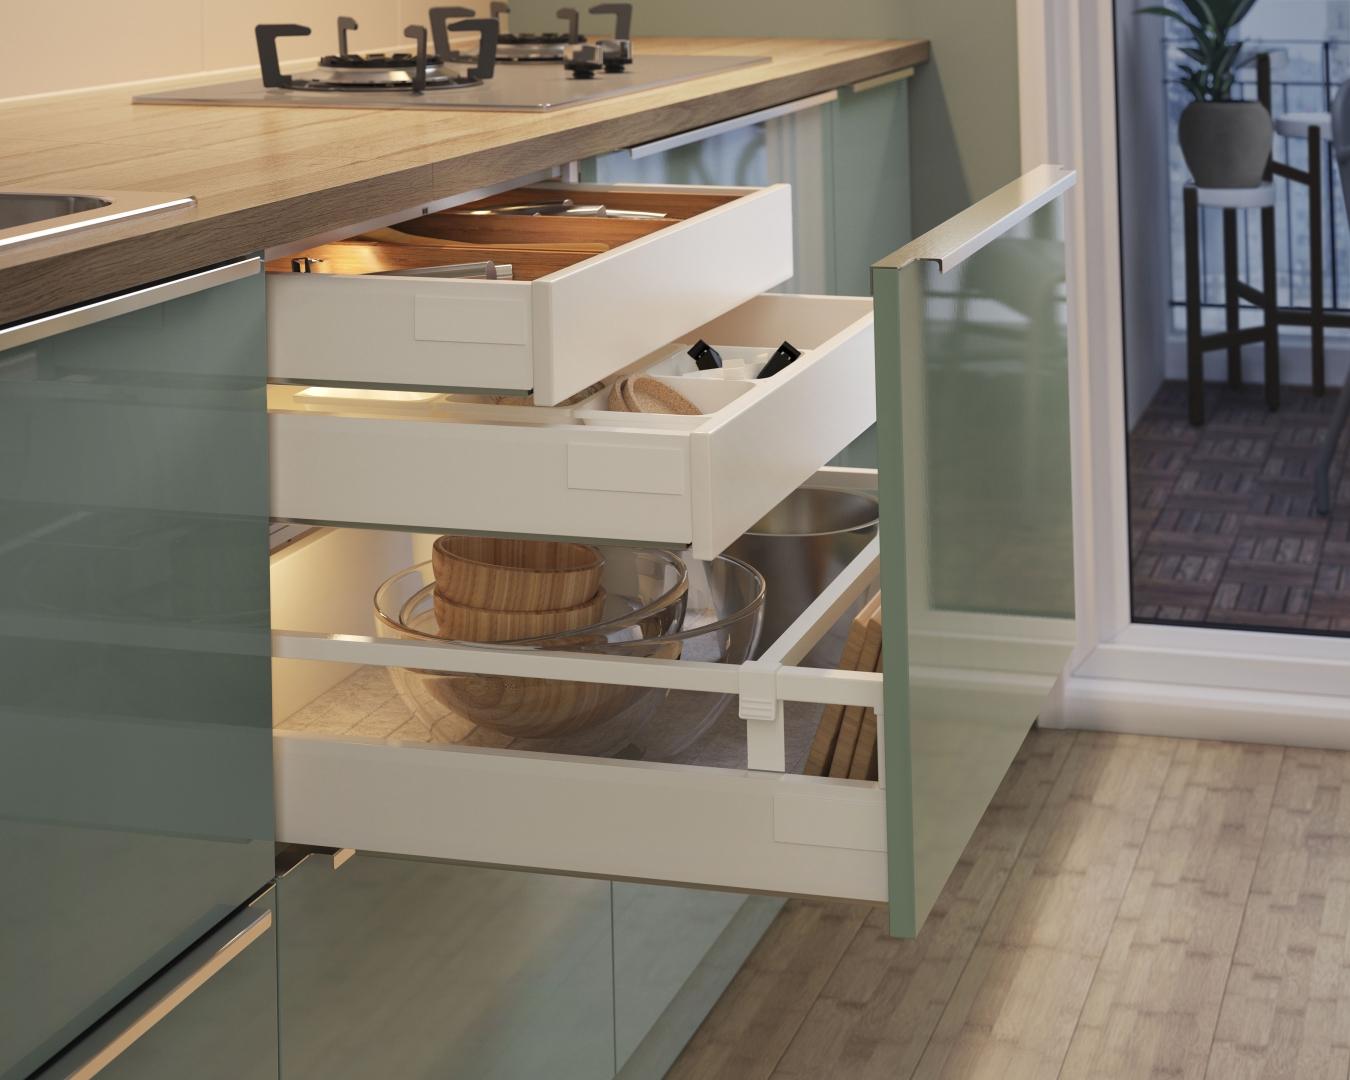 Cuisine Moderne Maison Ancienne : Interieur  Ikea lanceert design keuken met karakter • Stijlvol